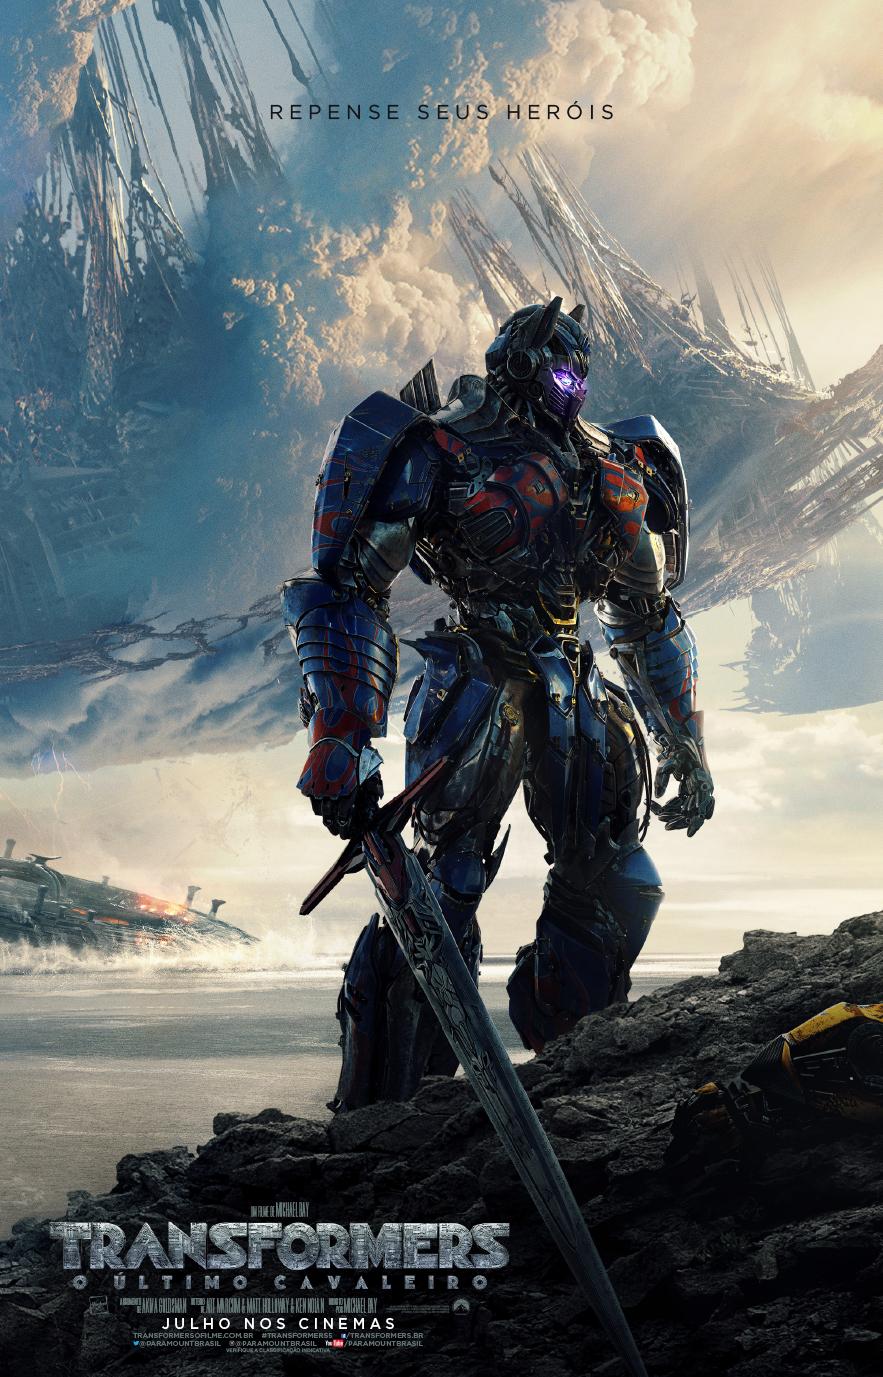 Novo trailer de Transformers: O Último Cavaleiro mostra Optimus Prime como uma ameaça!